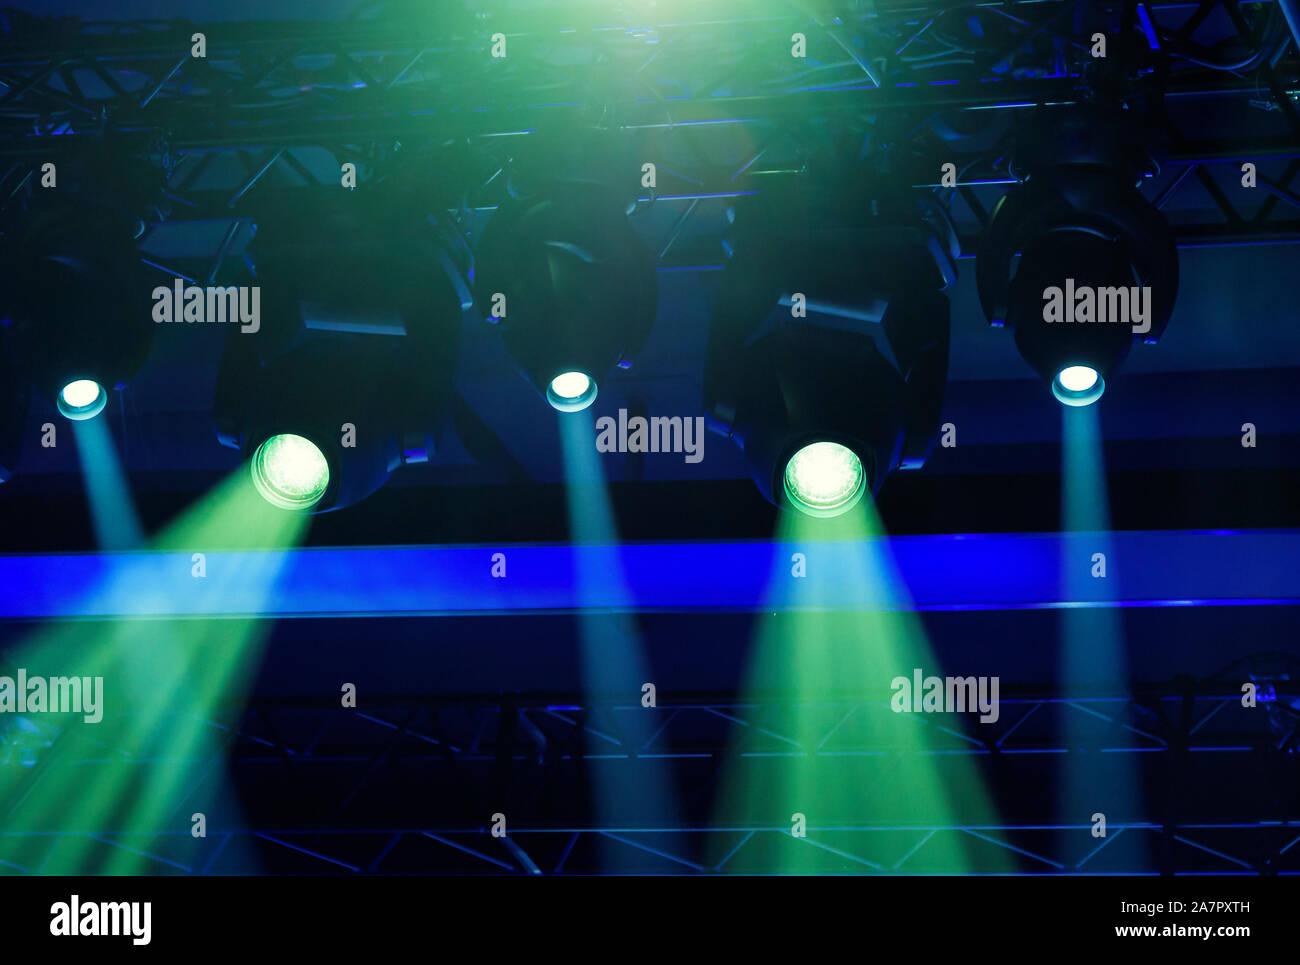 Etapa destaca la proyección se ilumina durante un evento en directo. Conciertos en vivo y eventos Foto de stock